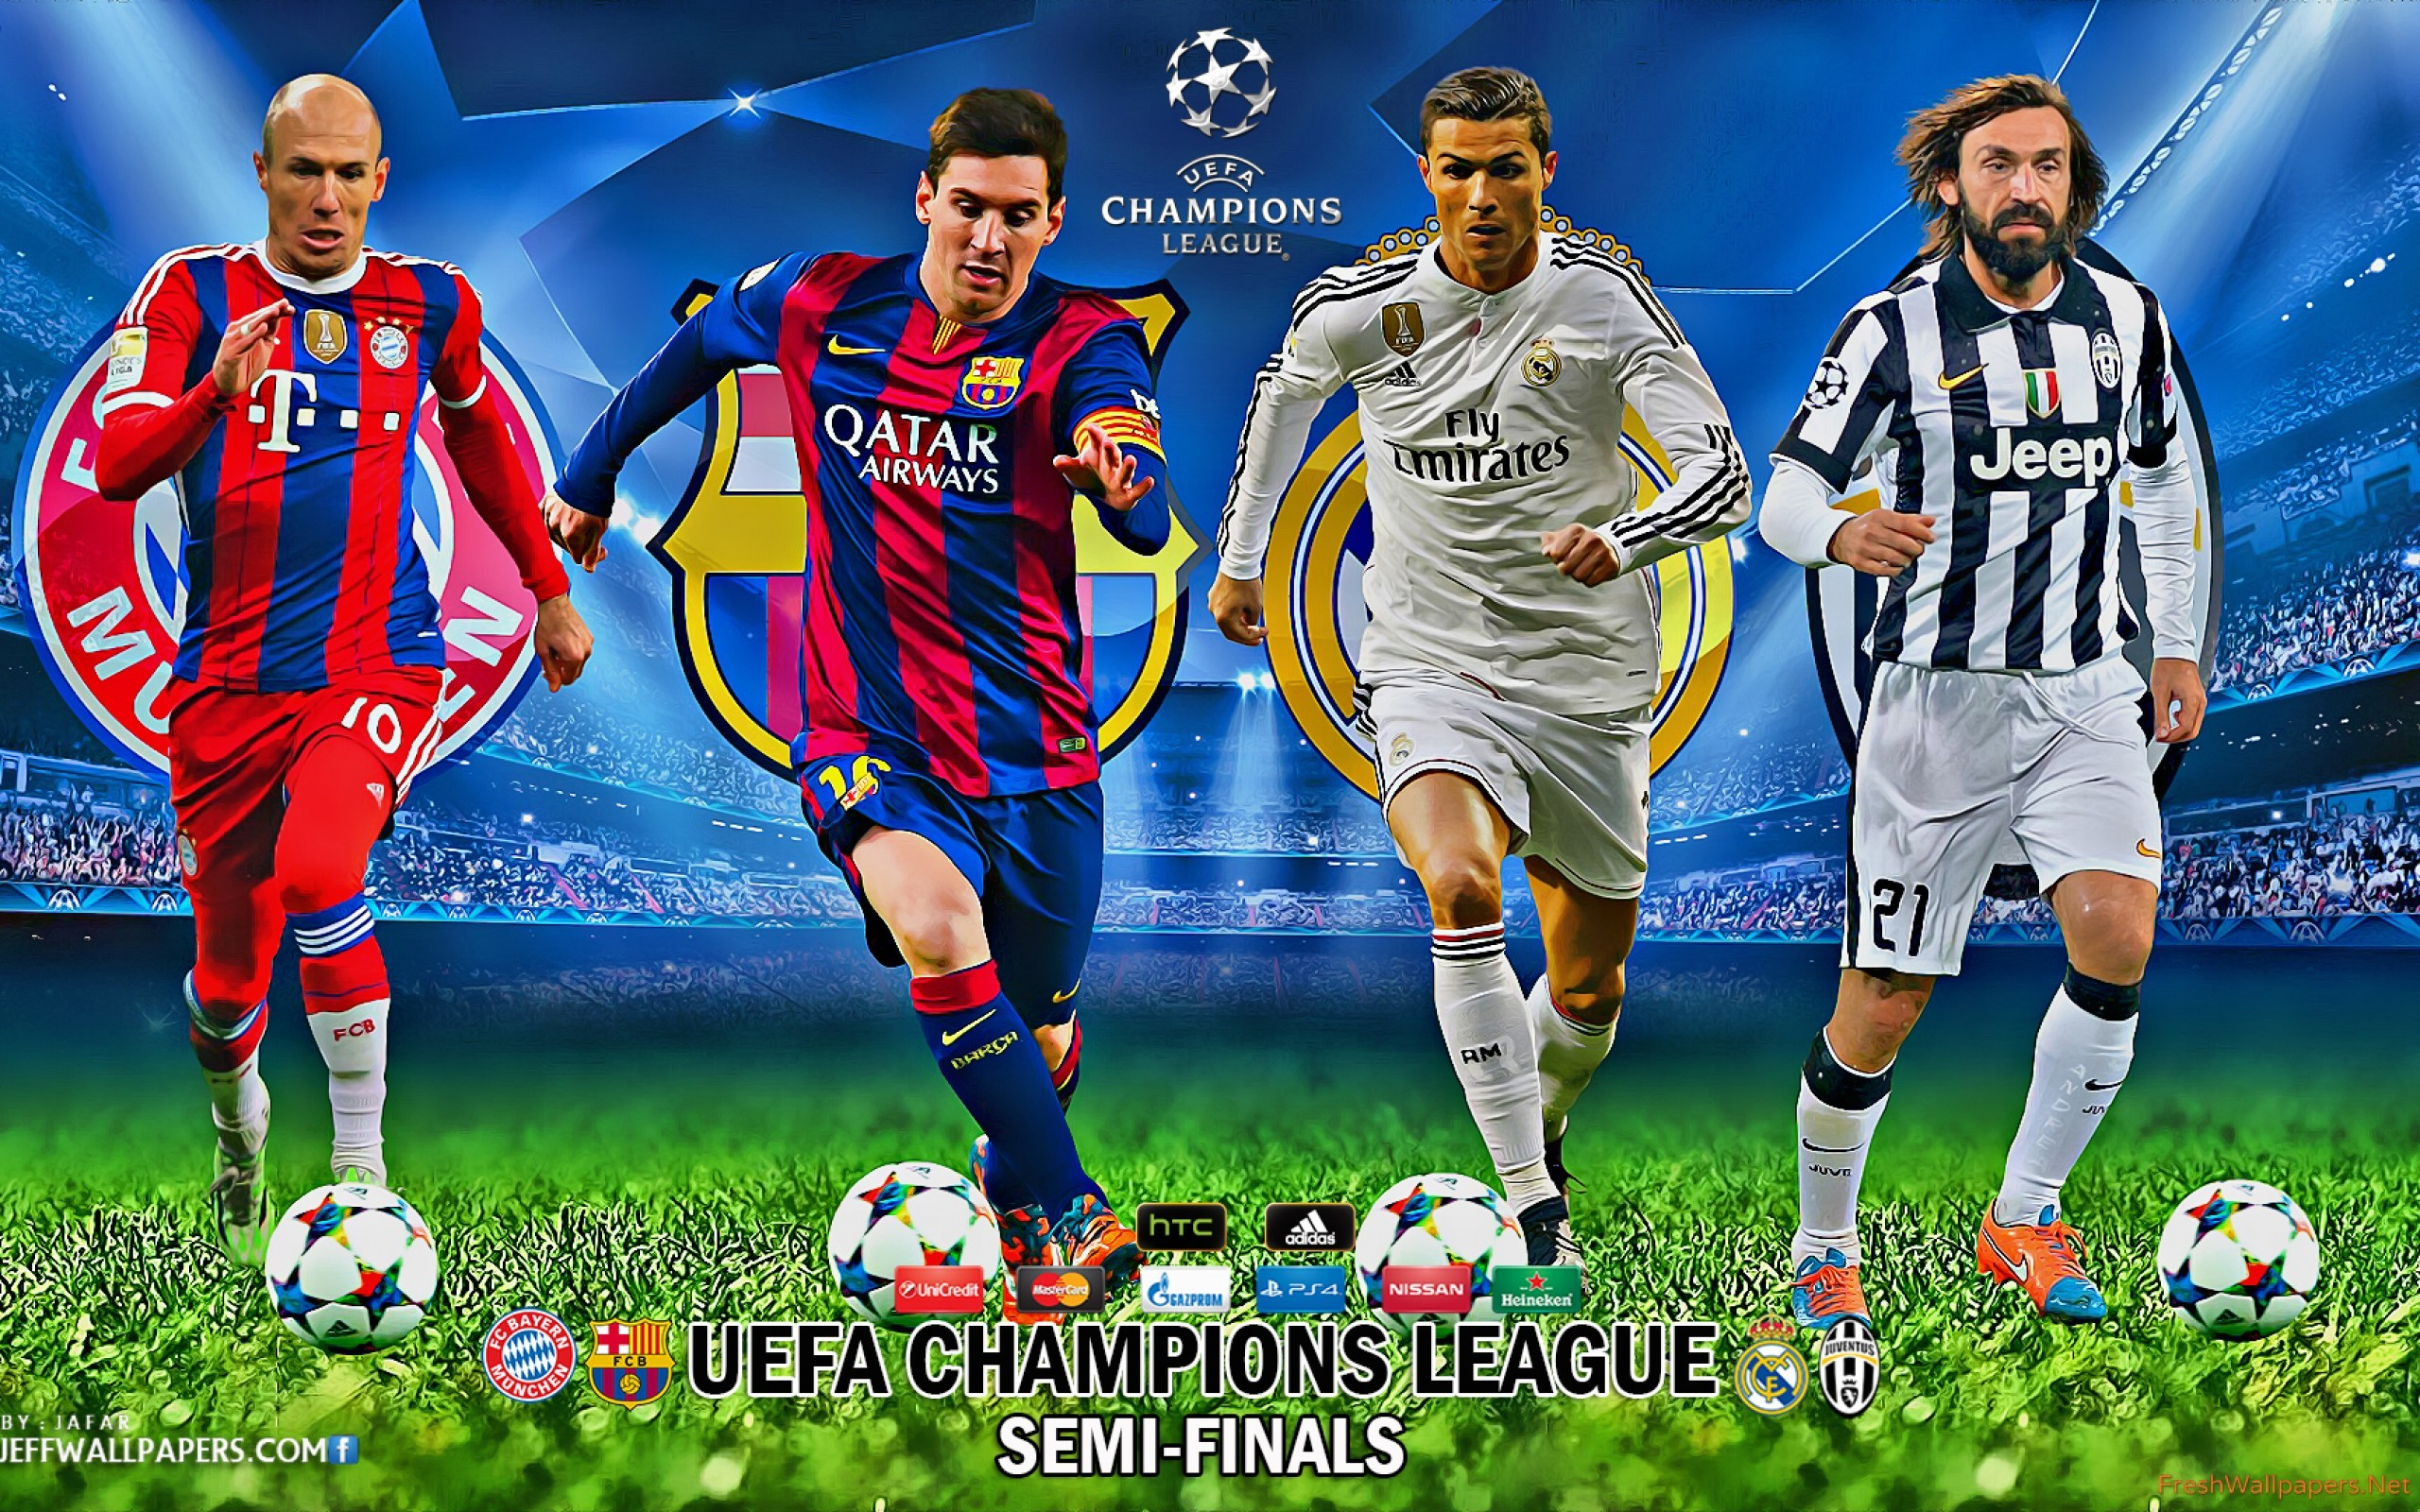 Res: 2560x1600, uefa-champions-league-semi-finals-2015 Wallpaper: